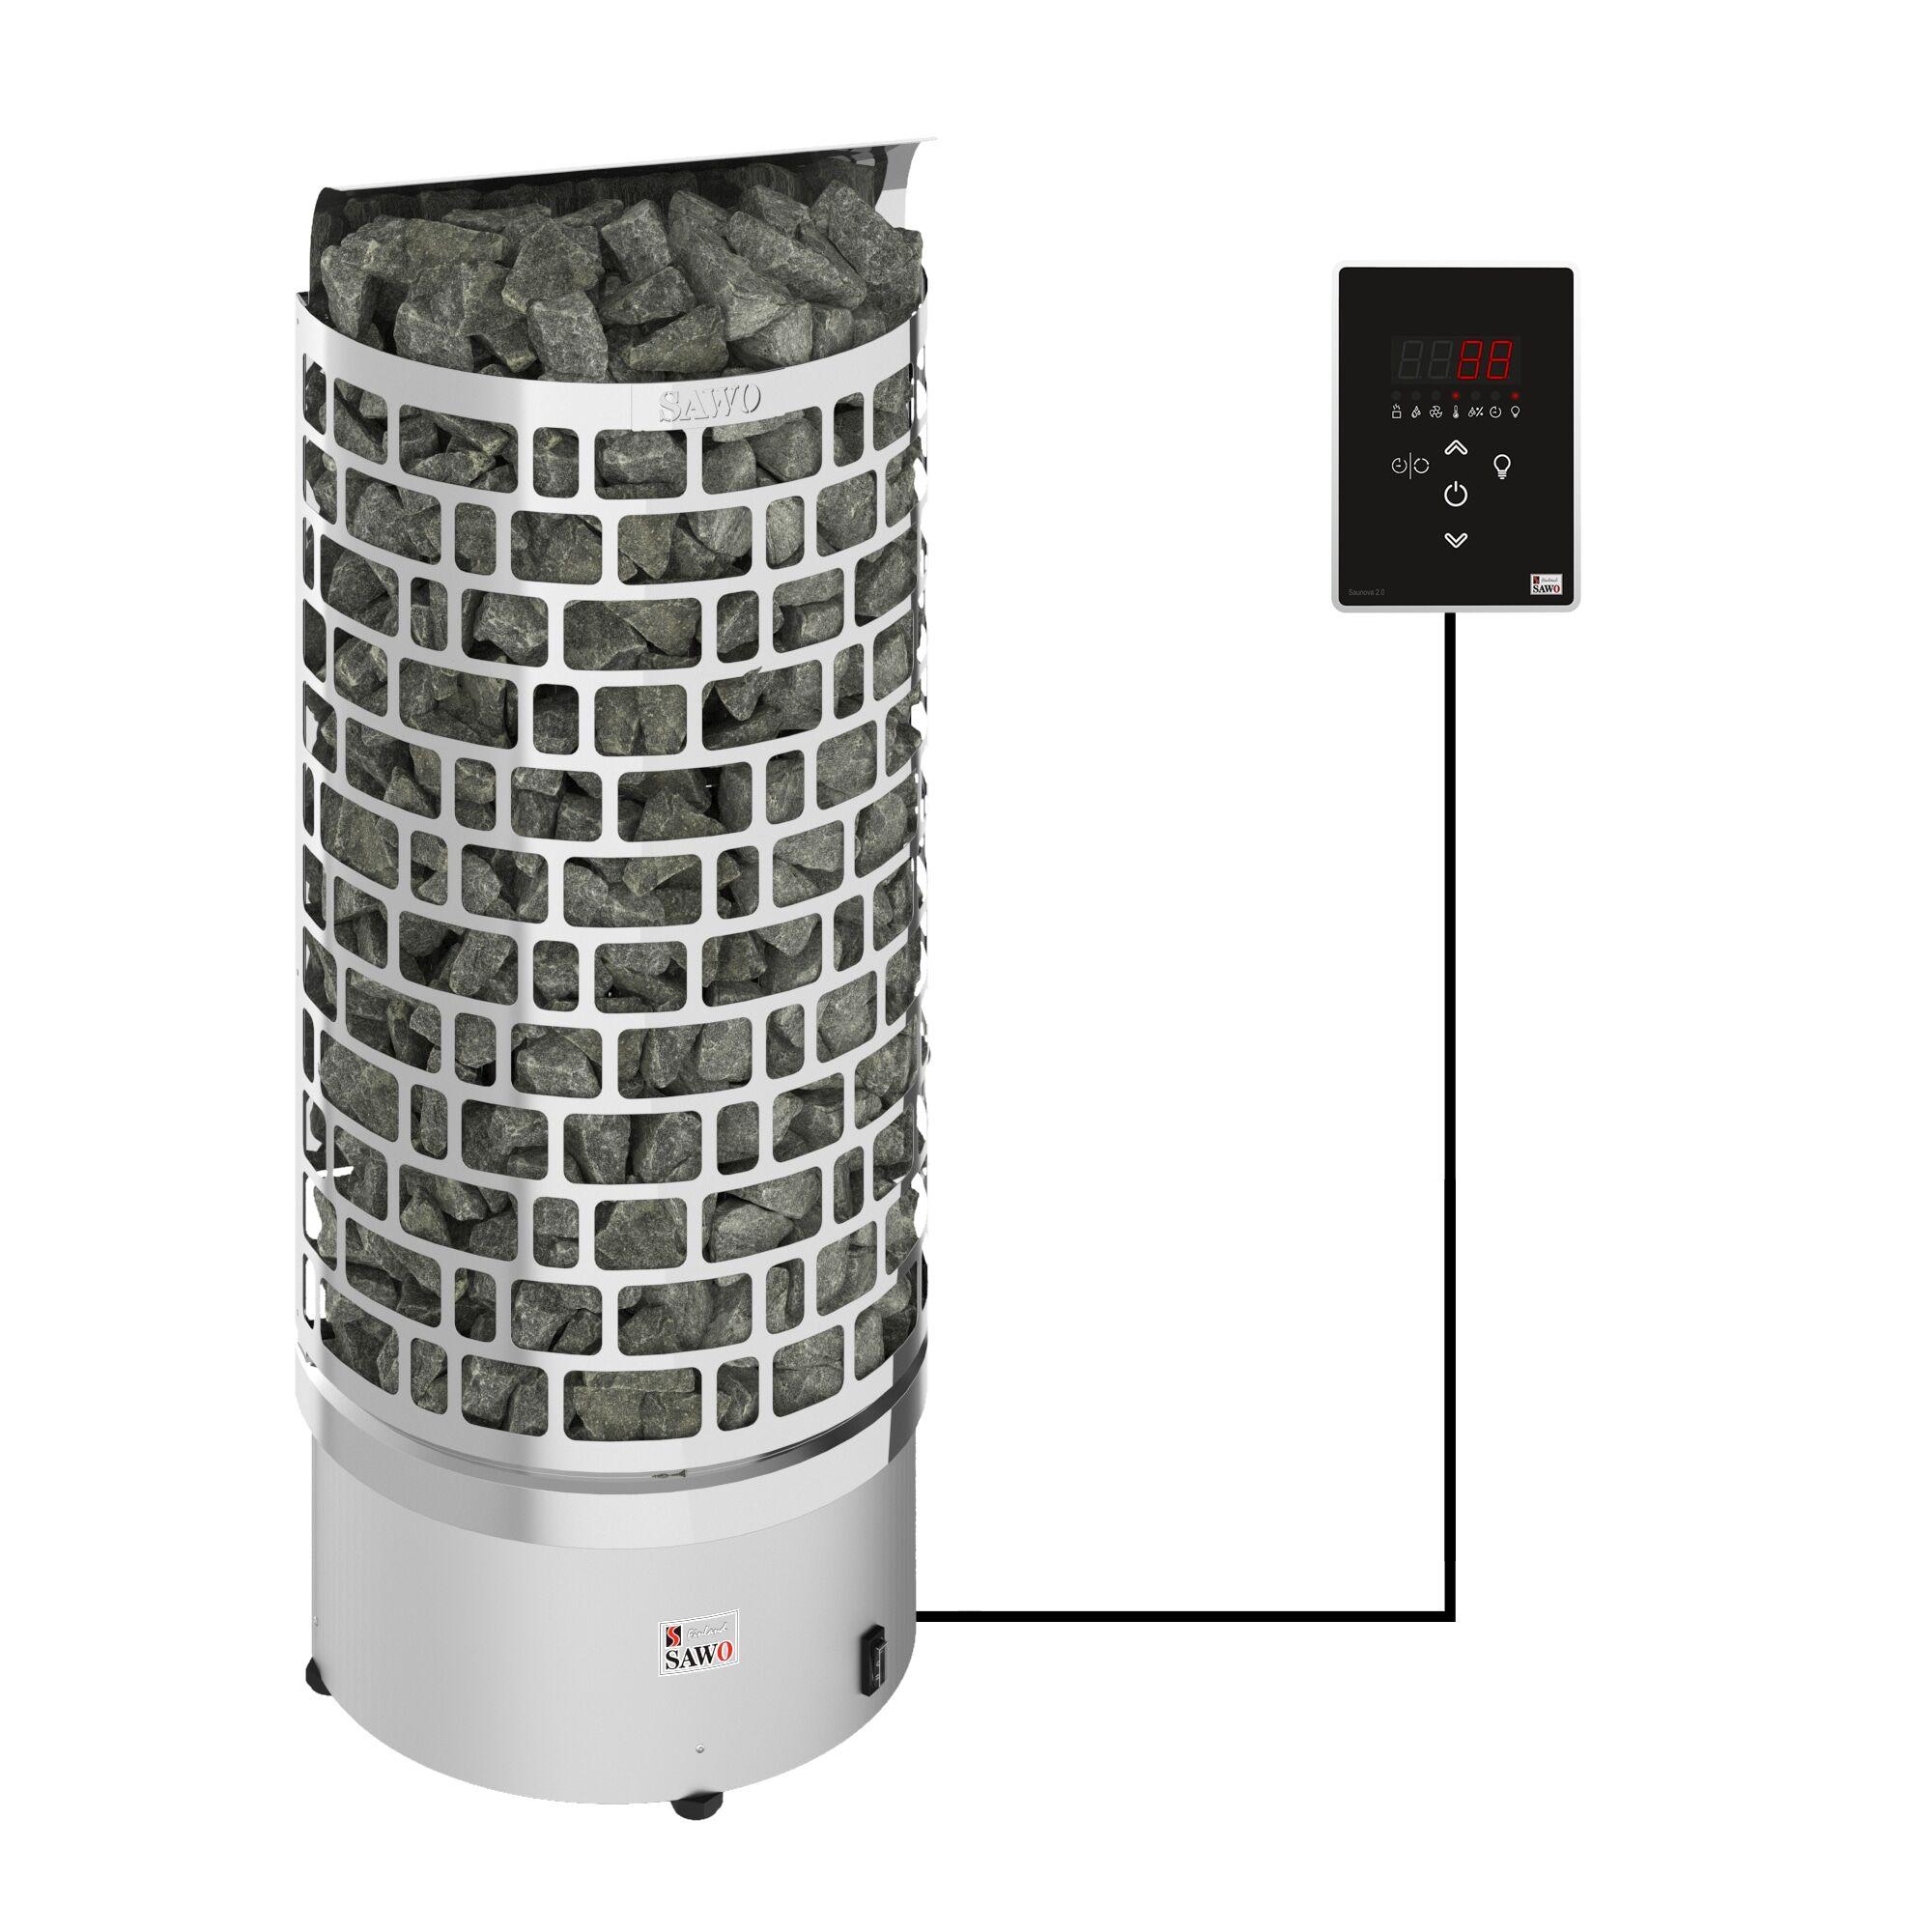 Sawo Aries Wall Ni2 7,5 kW sähkökiuas erillisellä ohjauskeskuksella